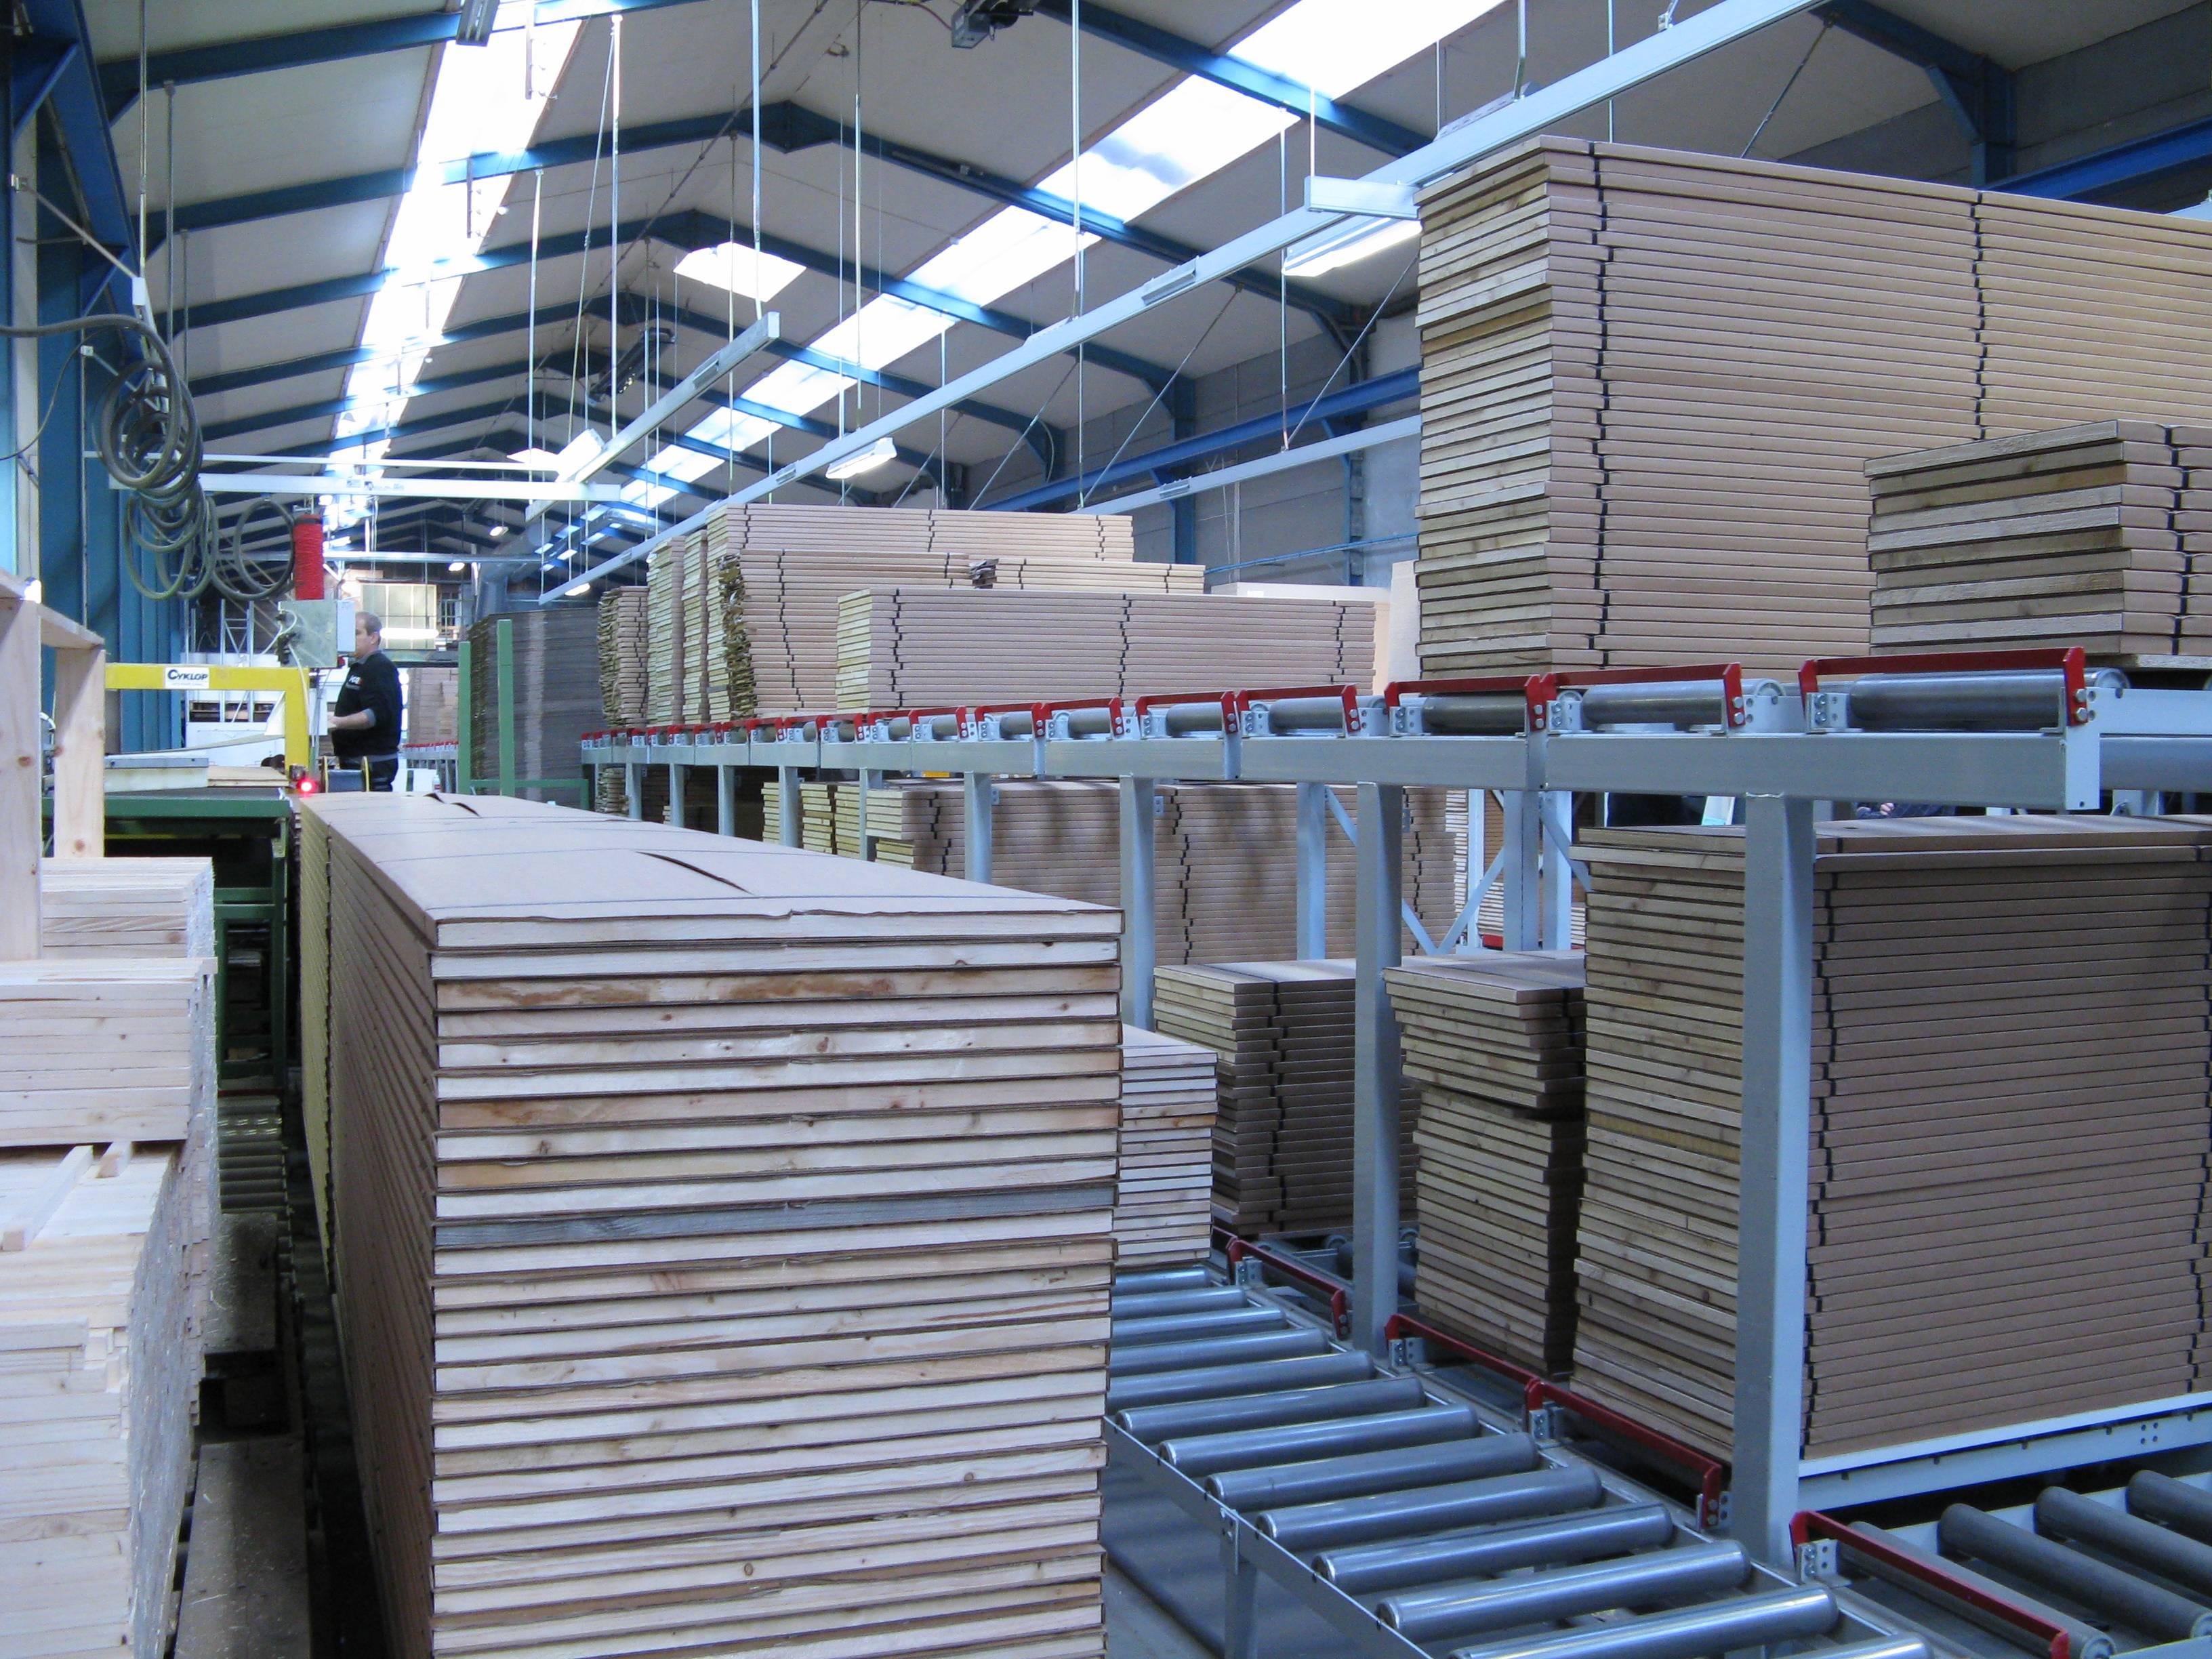 ka interiør KA Interiør udvider og styrker produktionen i Grindsted   Wood  ka interiør